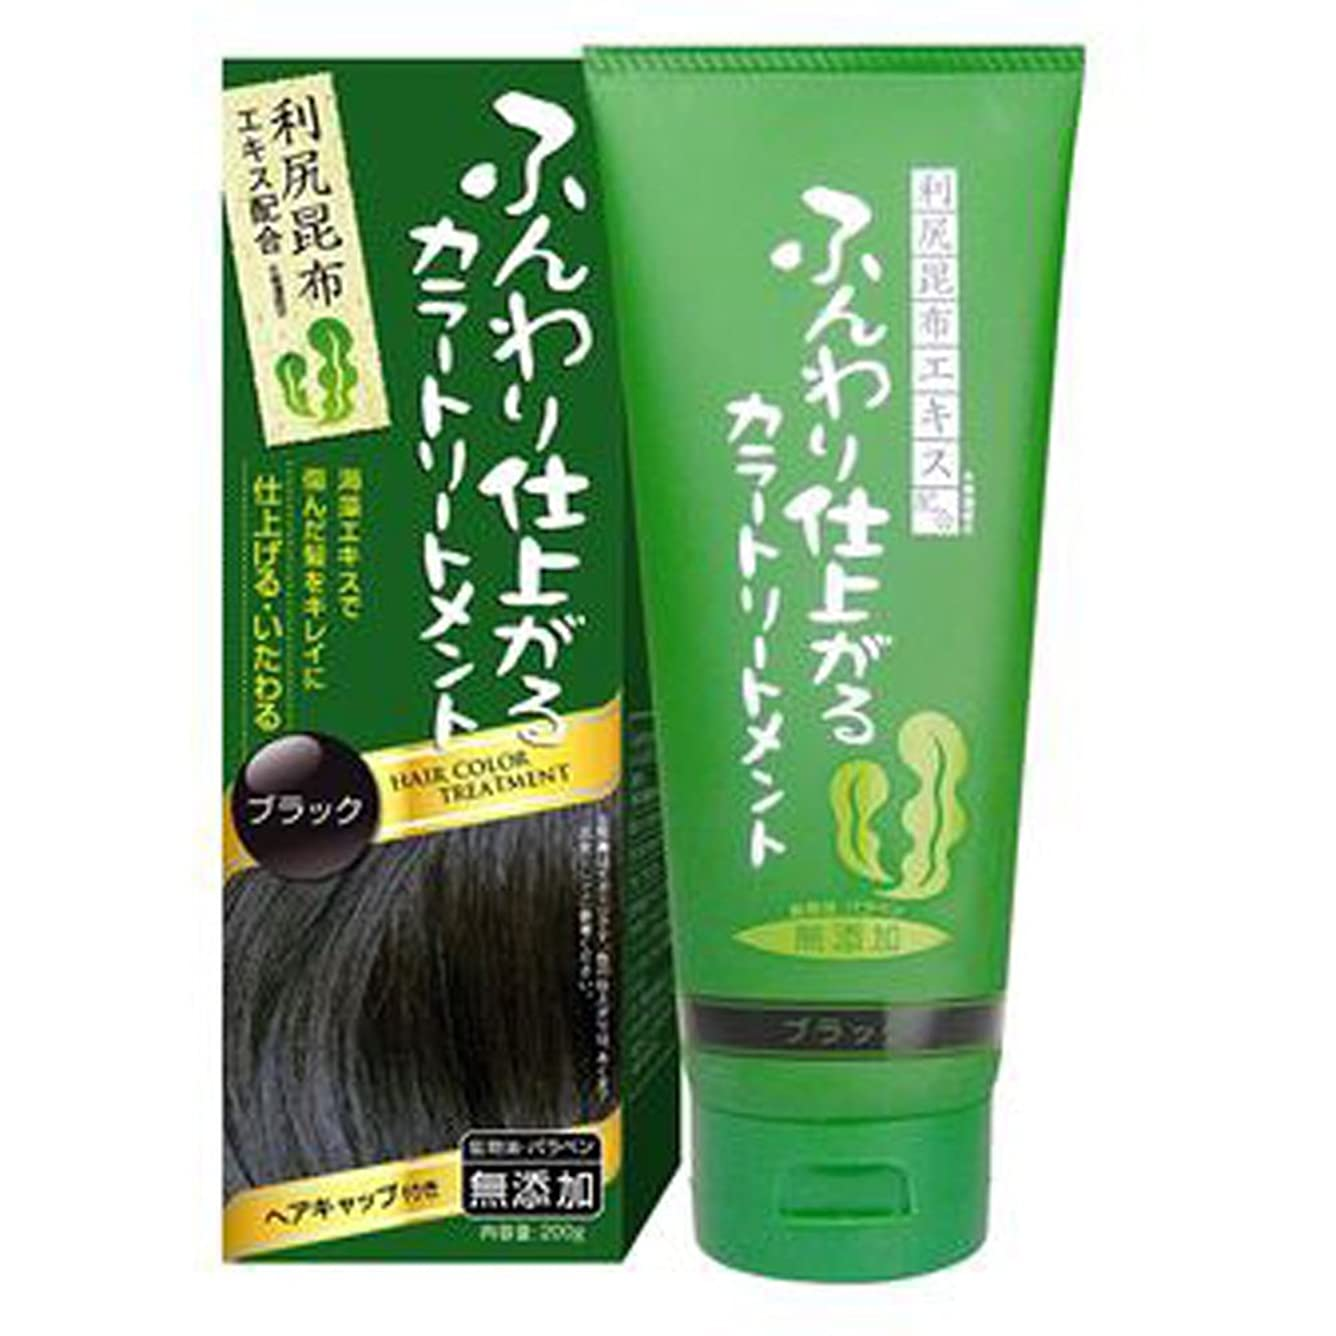 服を着るお手入れブローホールふんわり仕上がるカラートリートメント 白髪 染め 保湿 利尻昆布エキス配合 ヘアカラー (200g ブラック) rishiri-haircolor-200g-blk